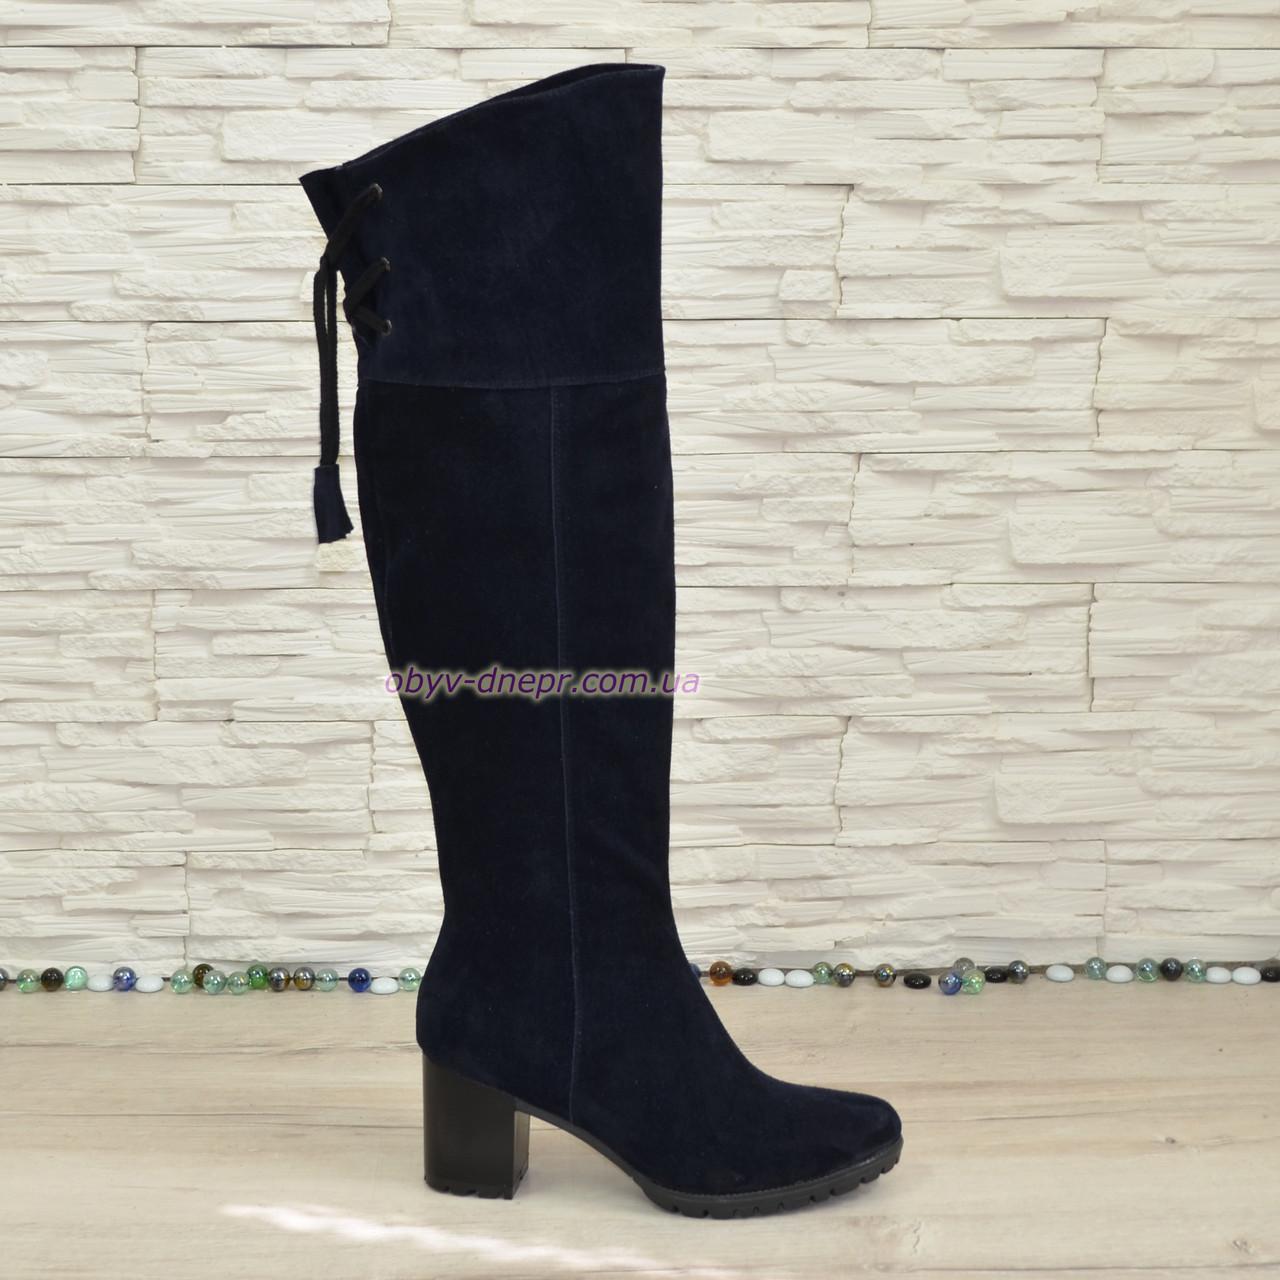 Ботфорты зимние замшевые на каблуке. Синий цвет.